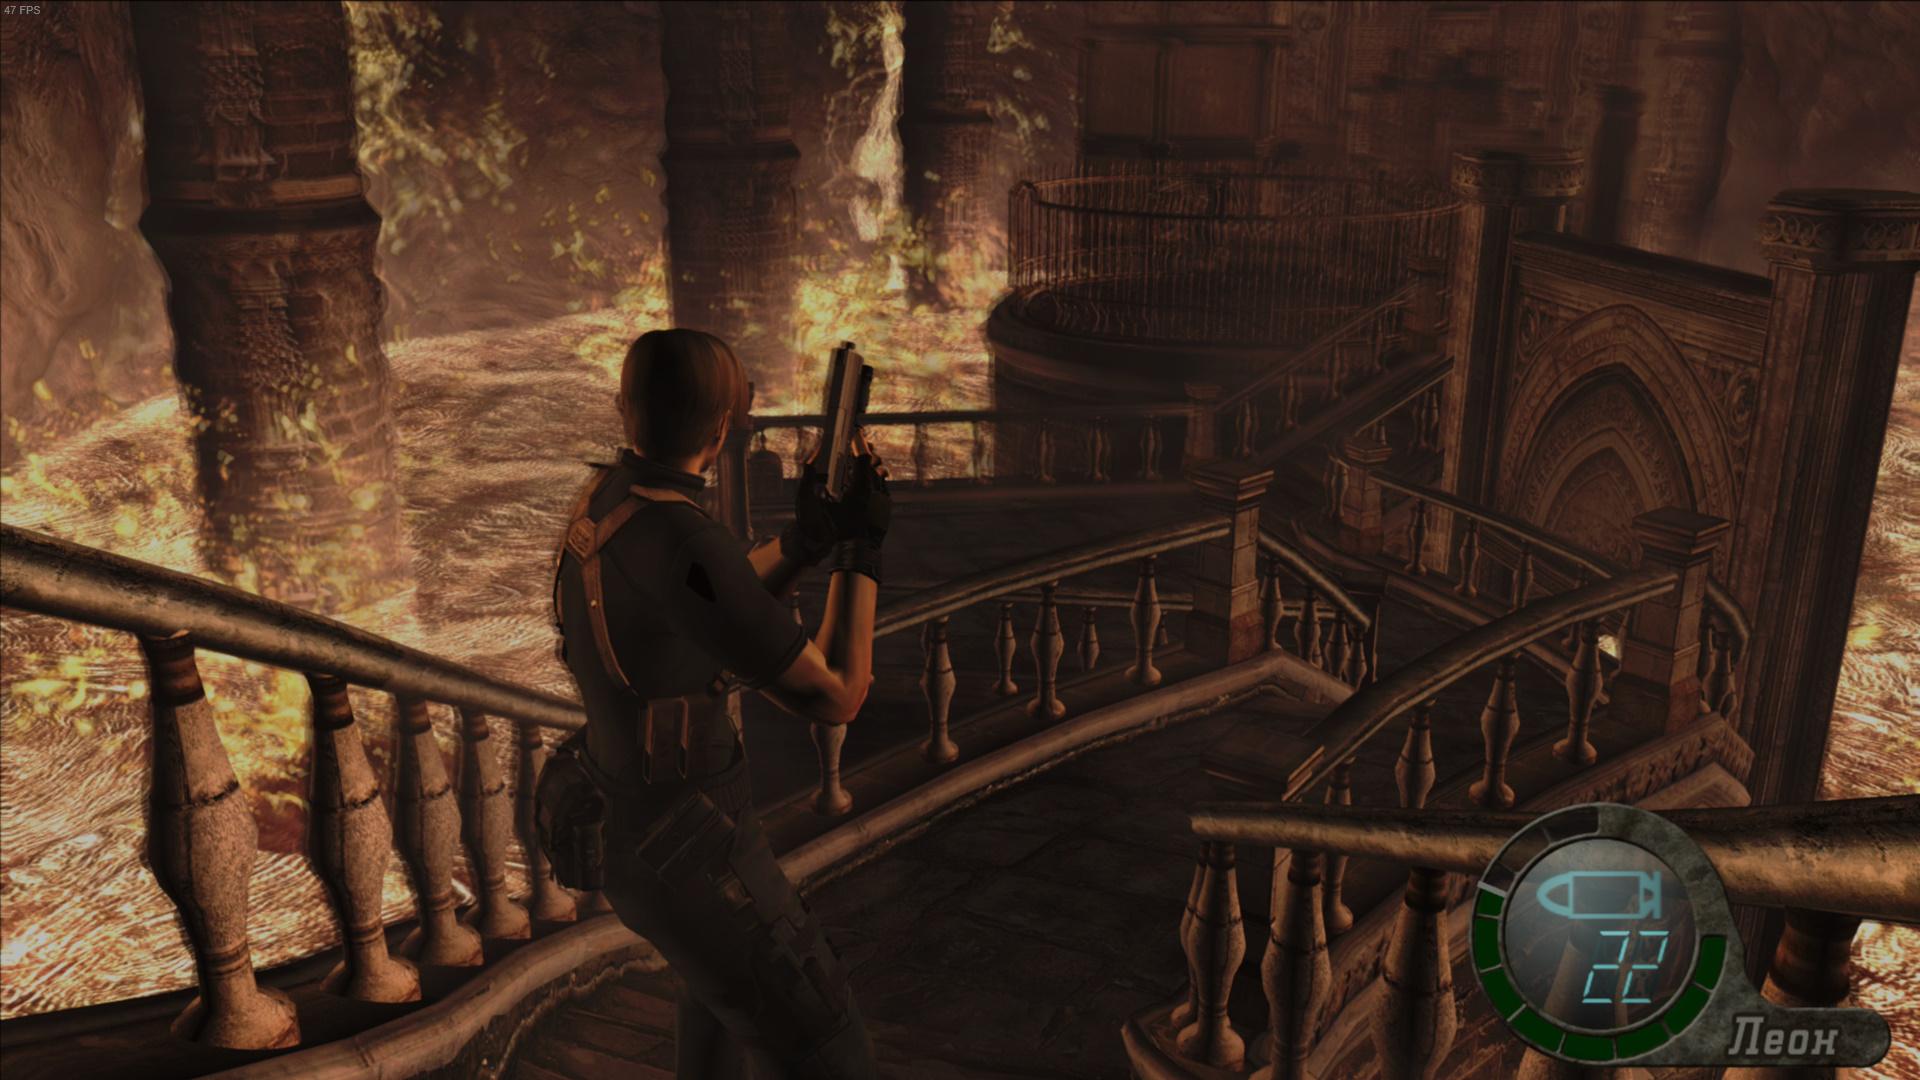 bio4 2018-11-14 00-17-55-463.jpg - Resident Evil 4